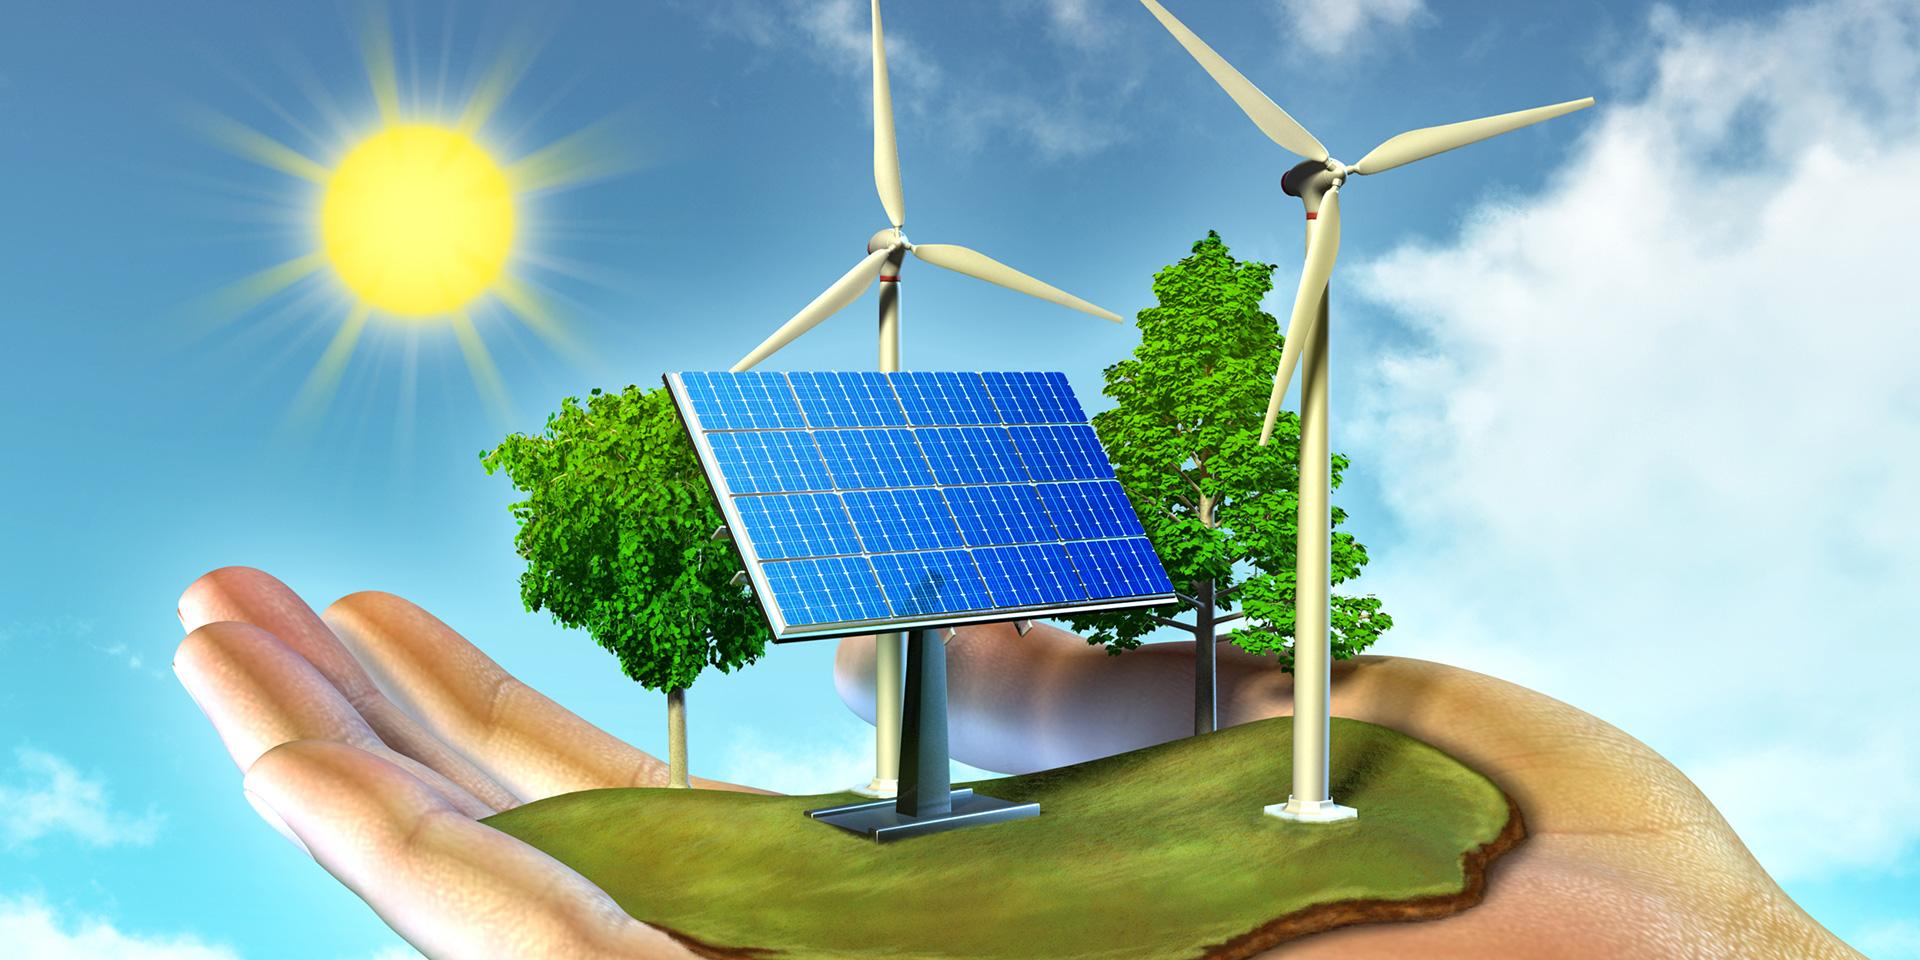 Şi noua lege lasă investitorii în regenerabile cu ochii-n soare: nu se mai garantează nici impactul certificatelor verzi, nici apariţia feed-in tariff